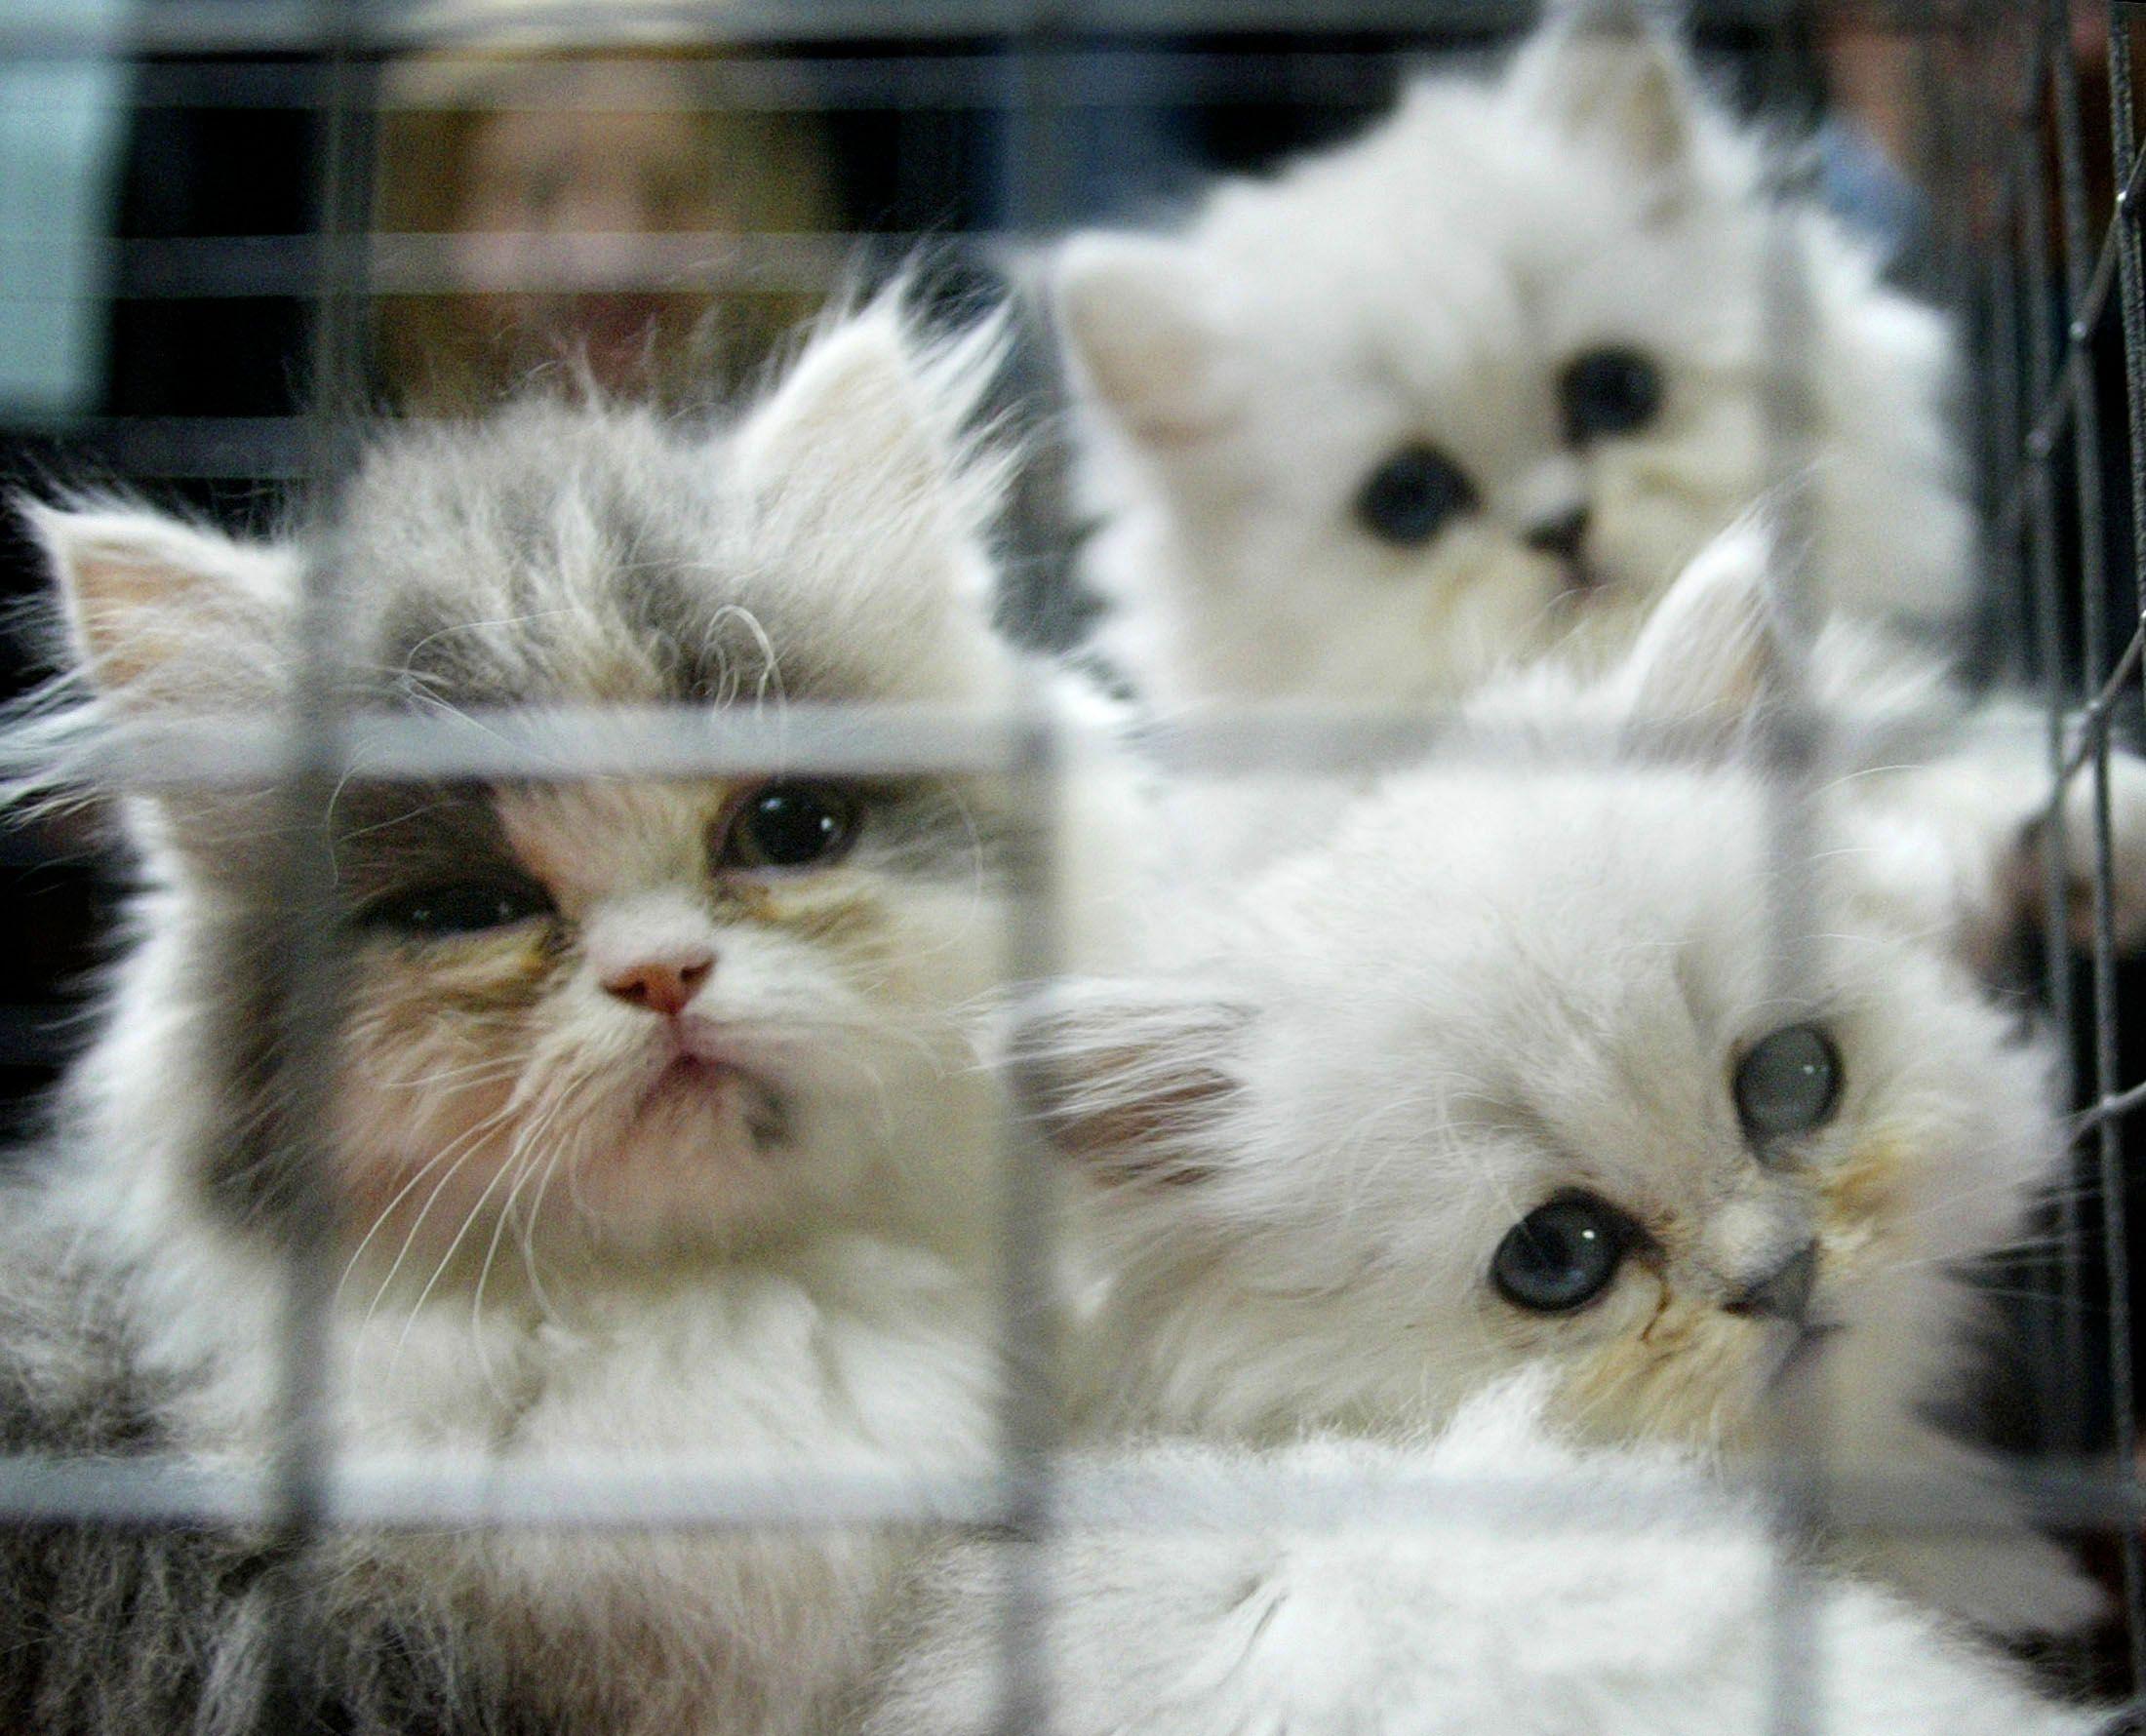 Older cat and kitten behavior